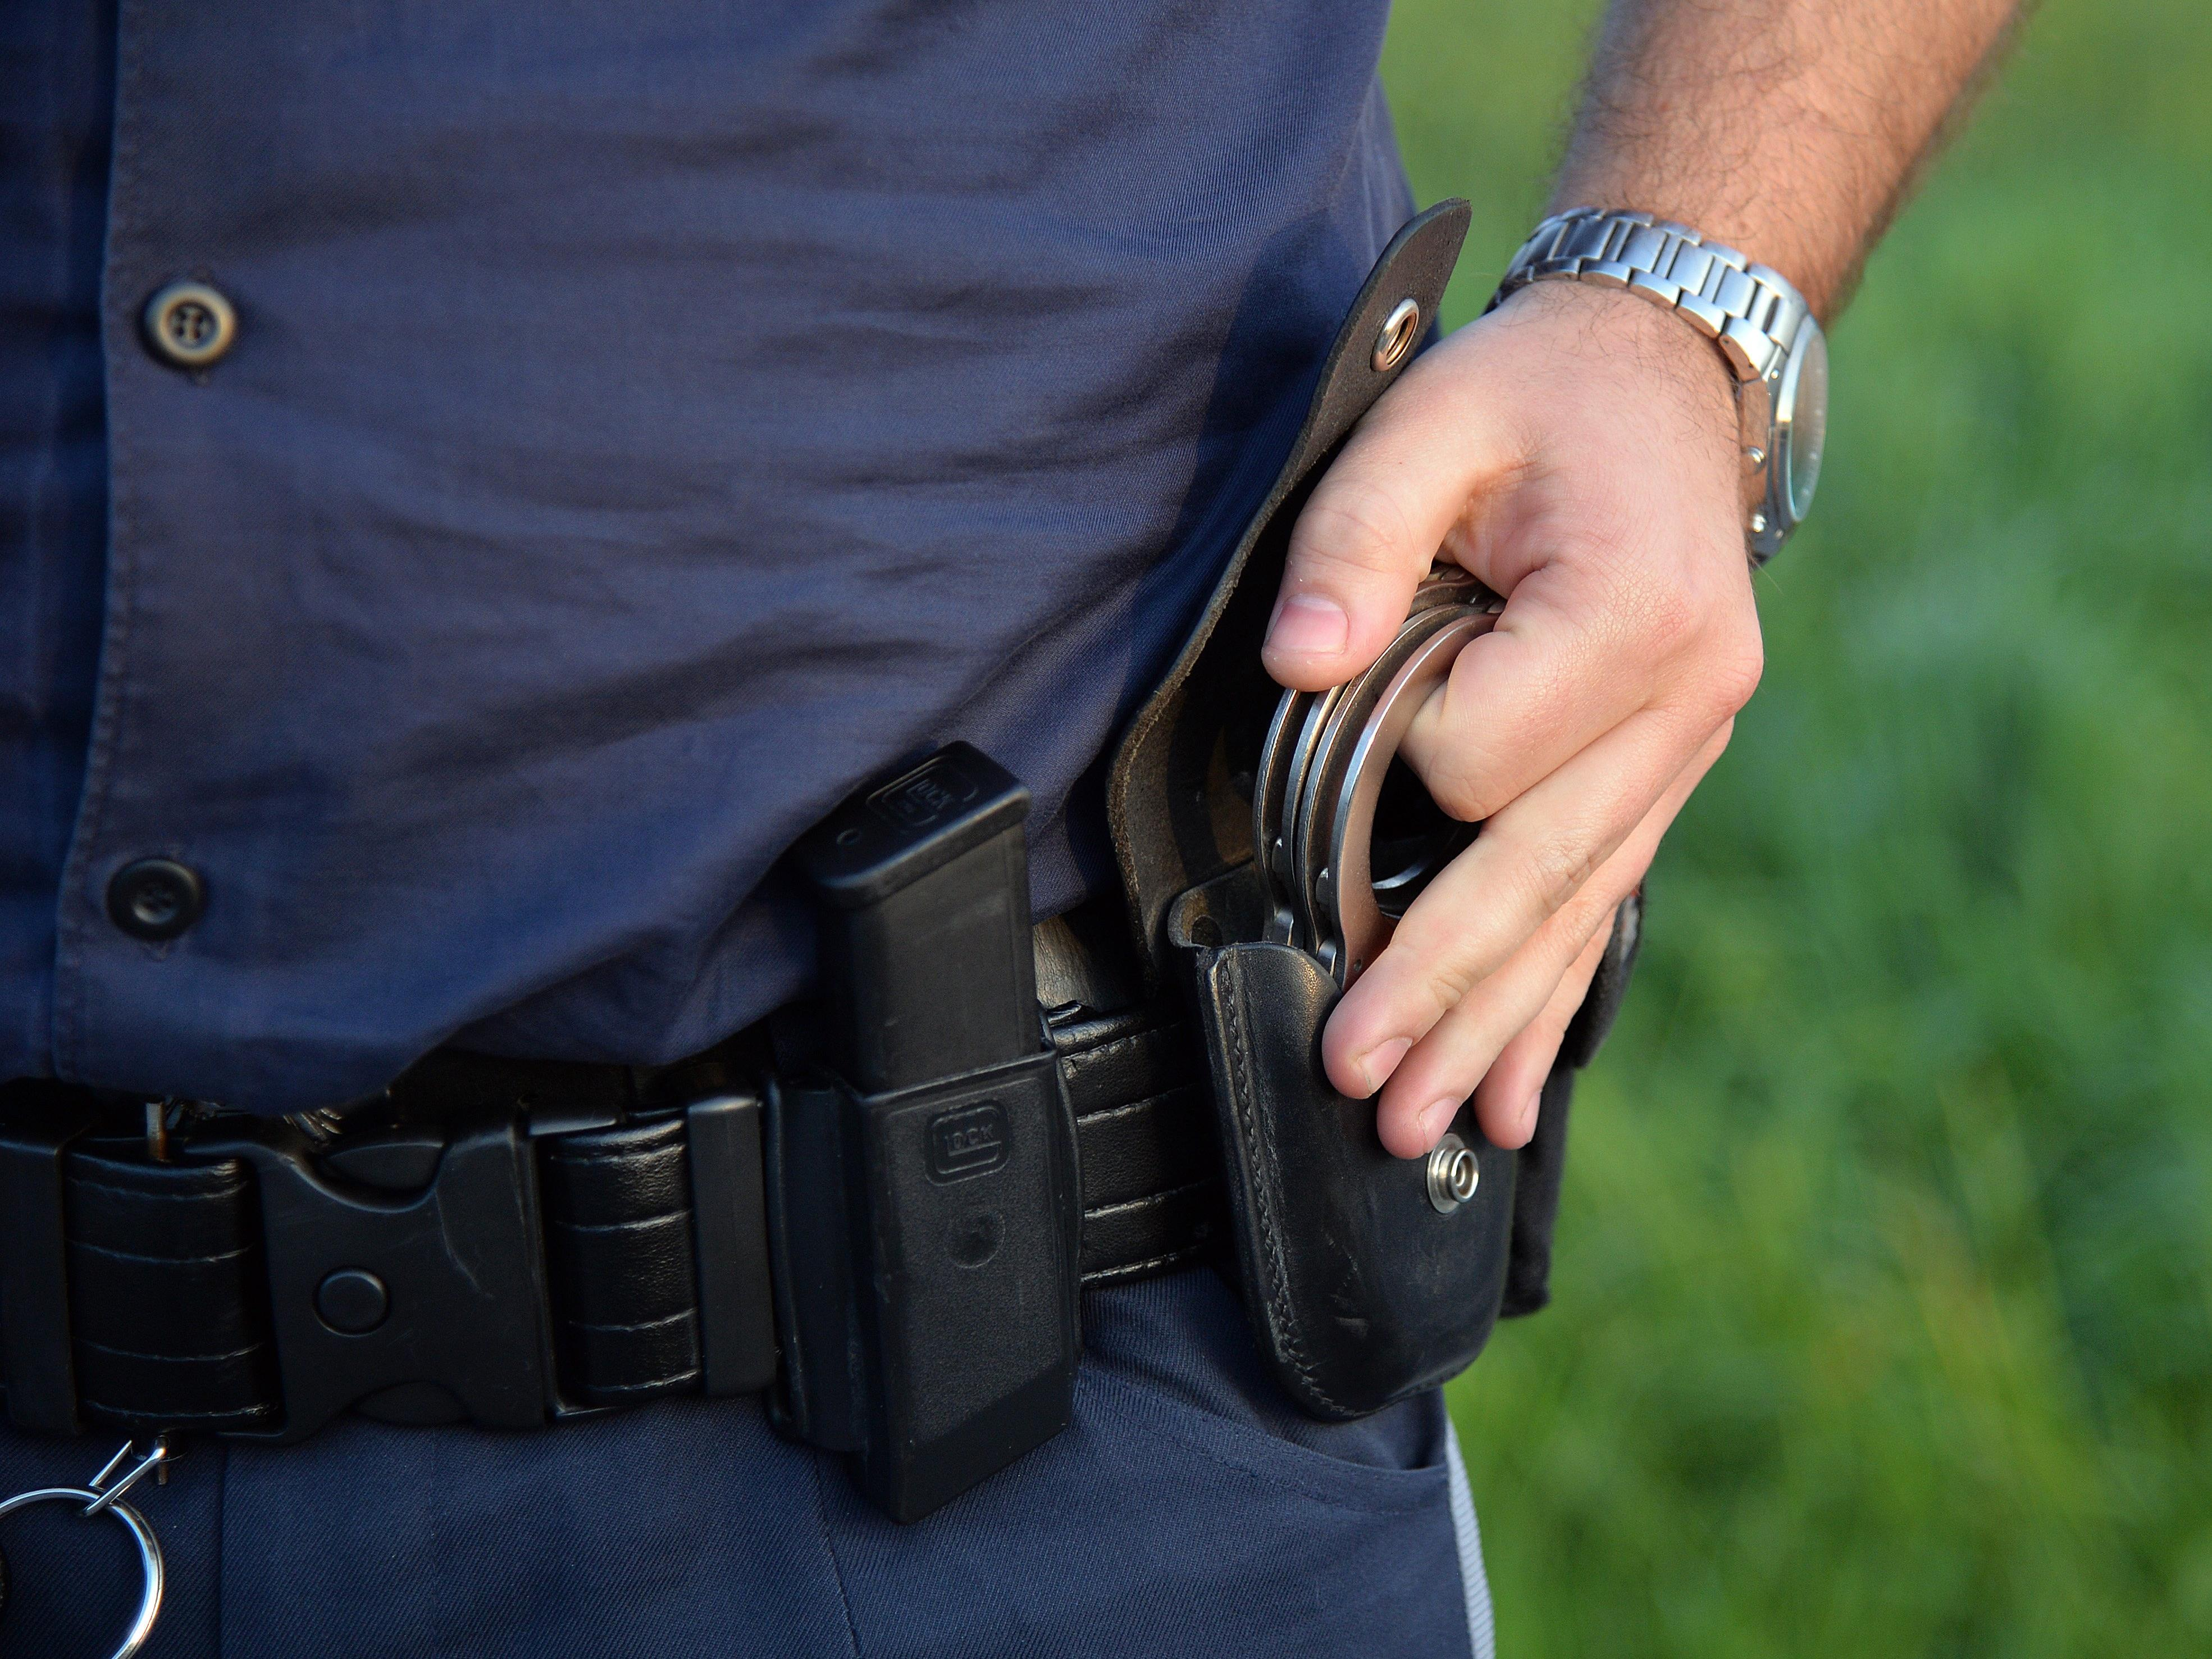 Am Donnerstag wurden im 21. und 2. Bezirk insgesamt drei Polizisten bei während Amtshandlungen verletzt.